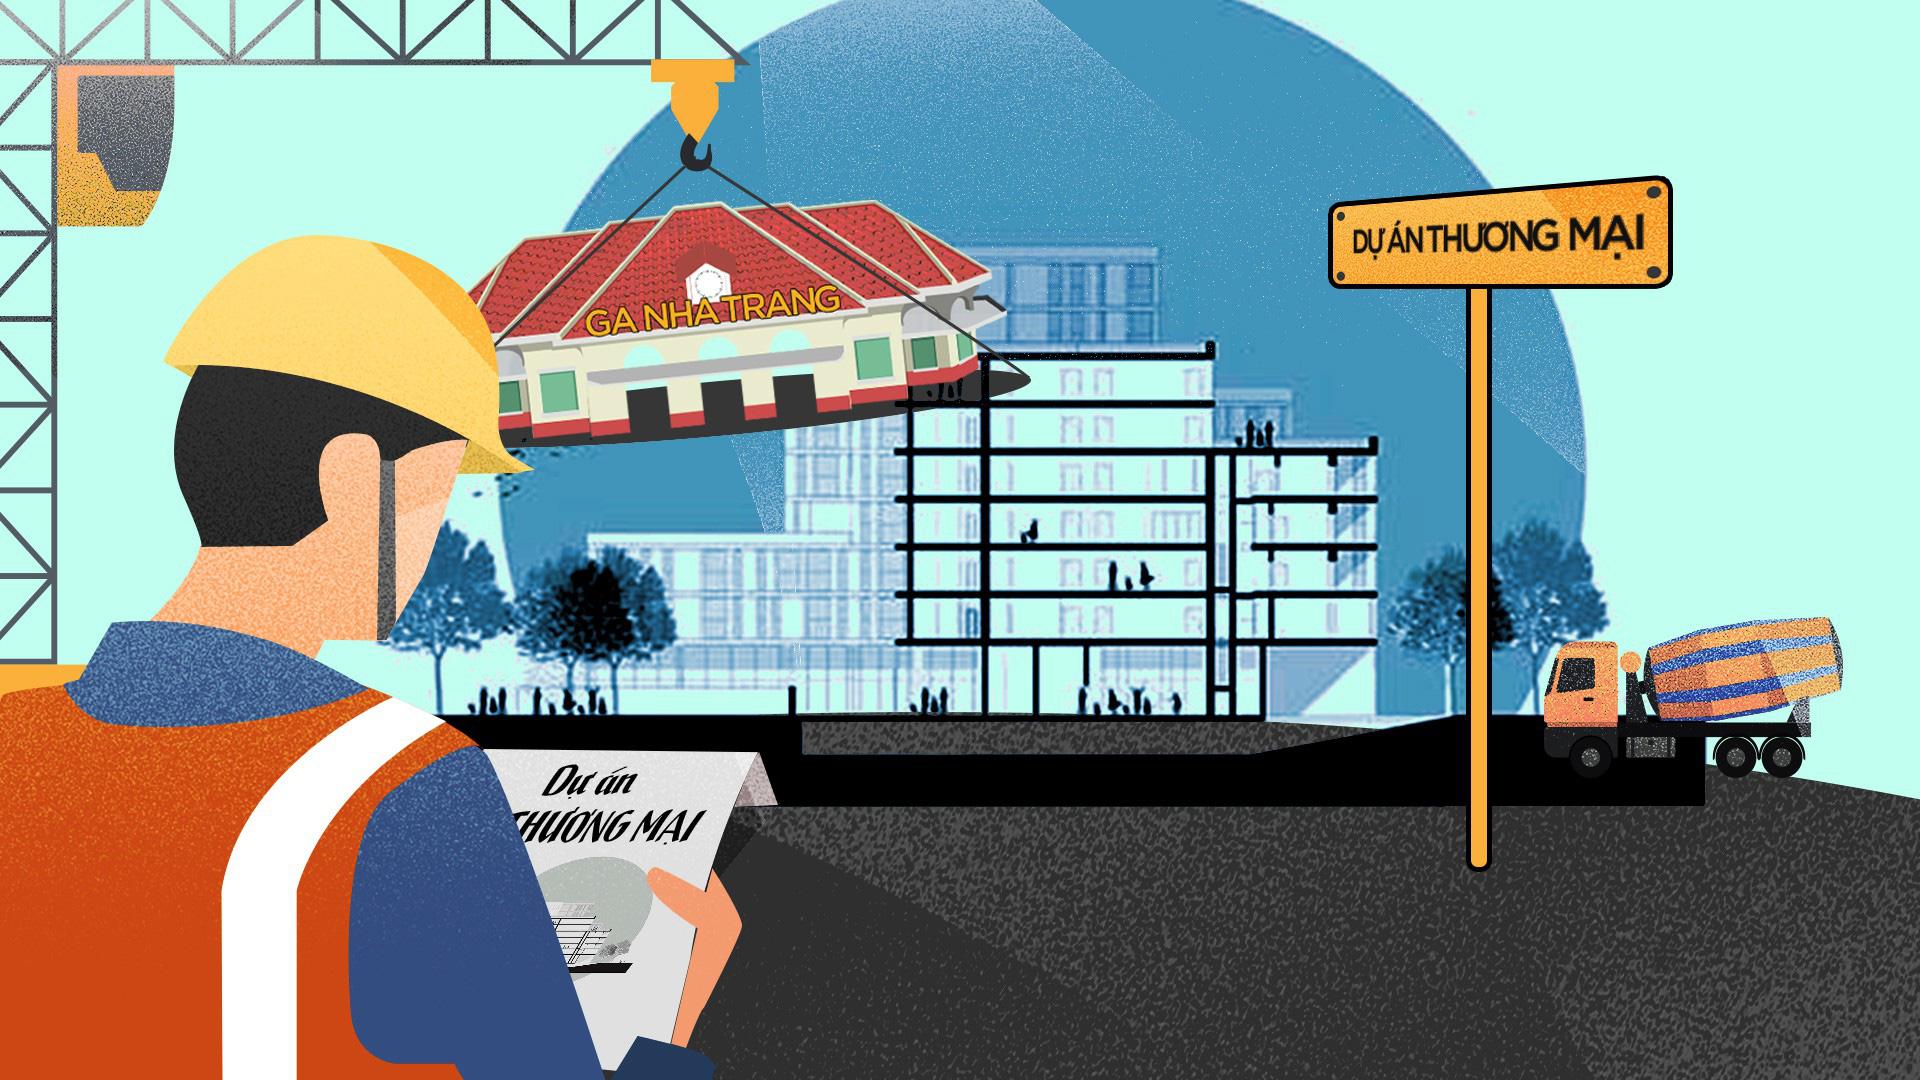 Di dời ga Nha Trang - làm lợi nhà đầu tư, thiệt hại cho số đông - Ảnh 2.